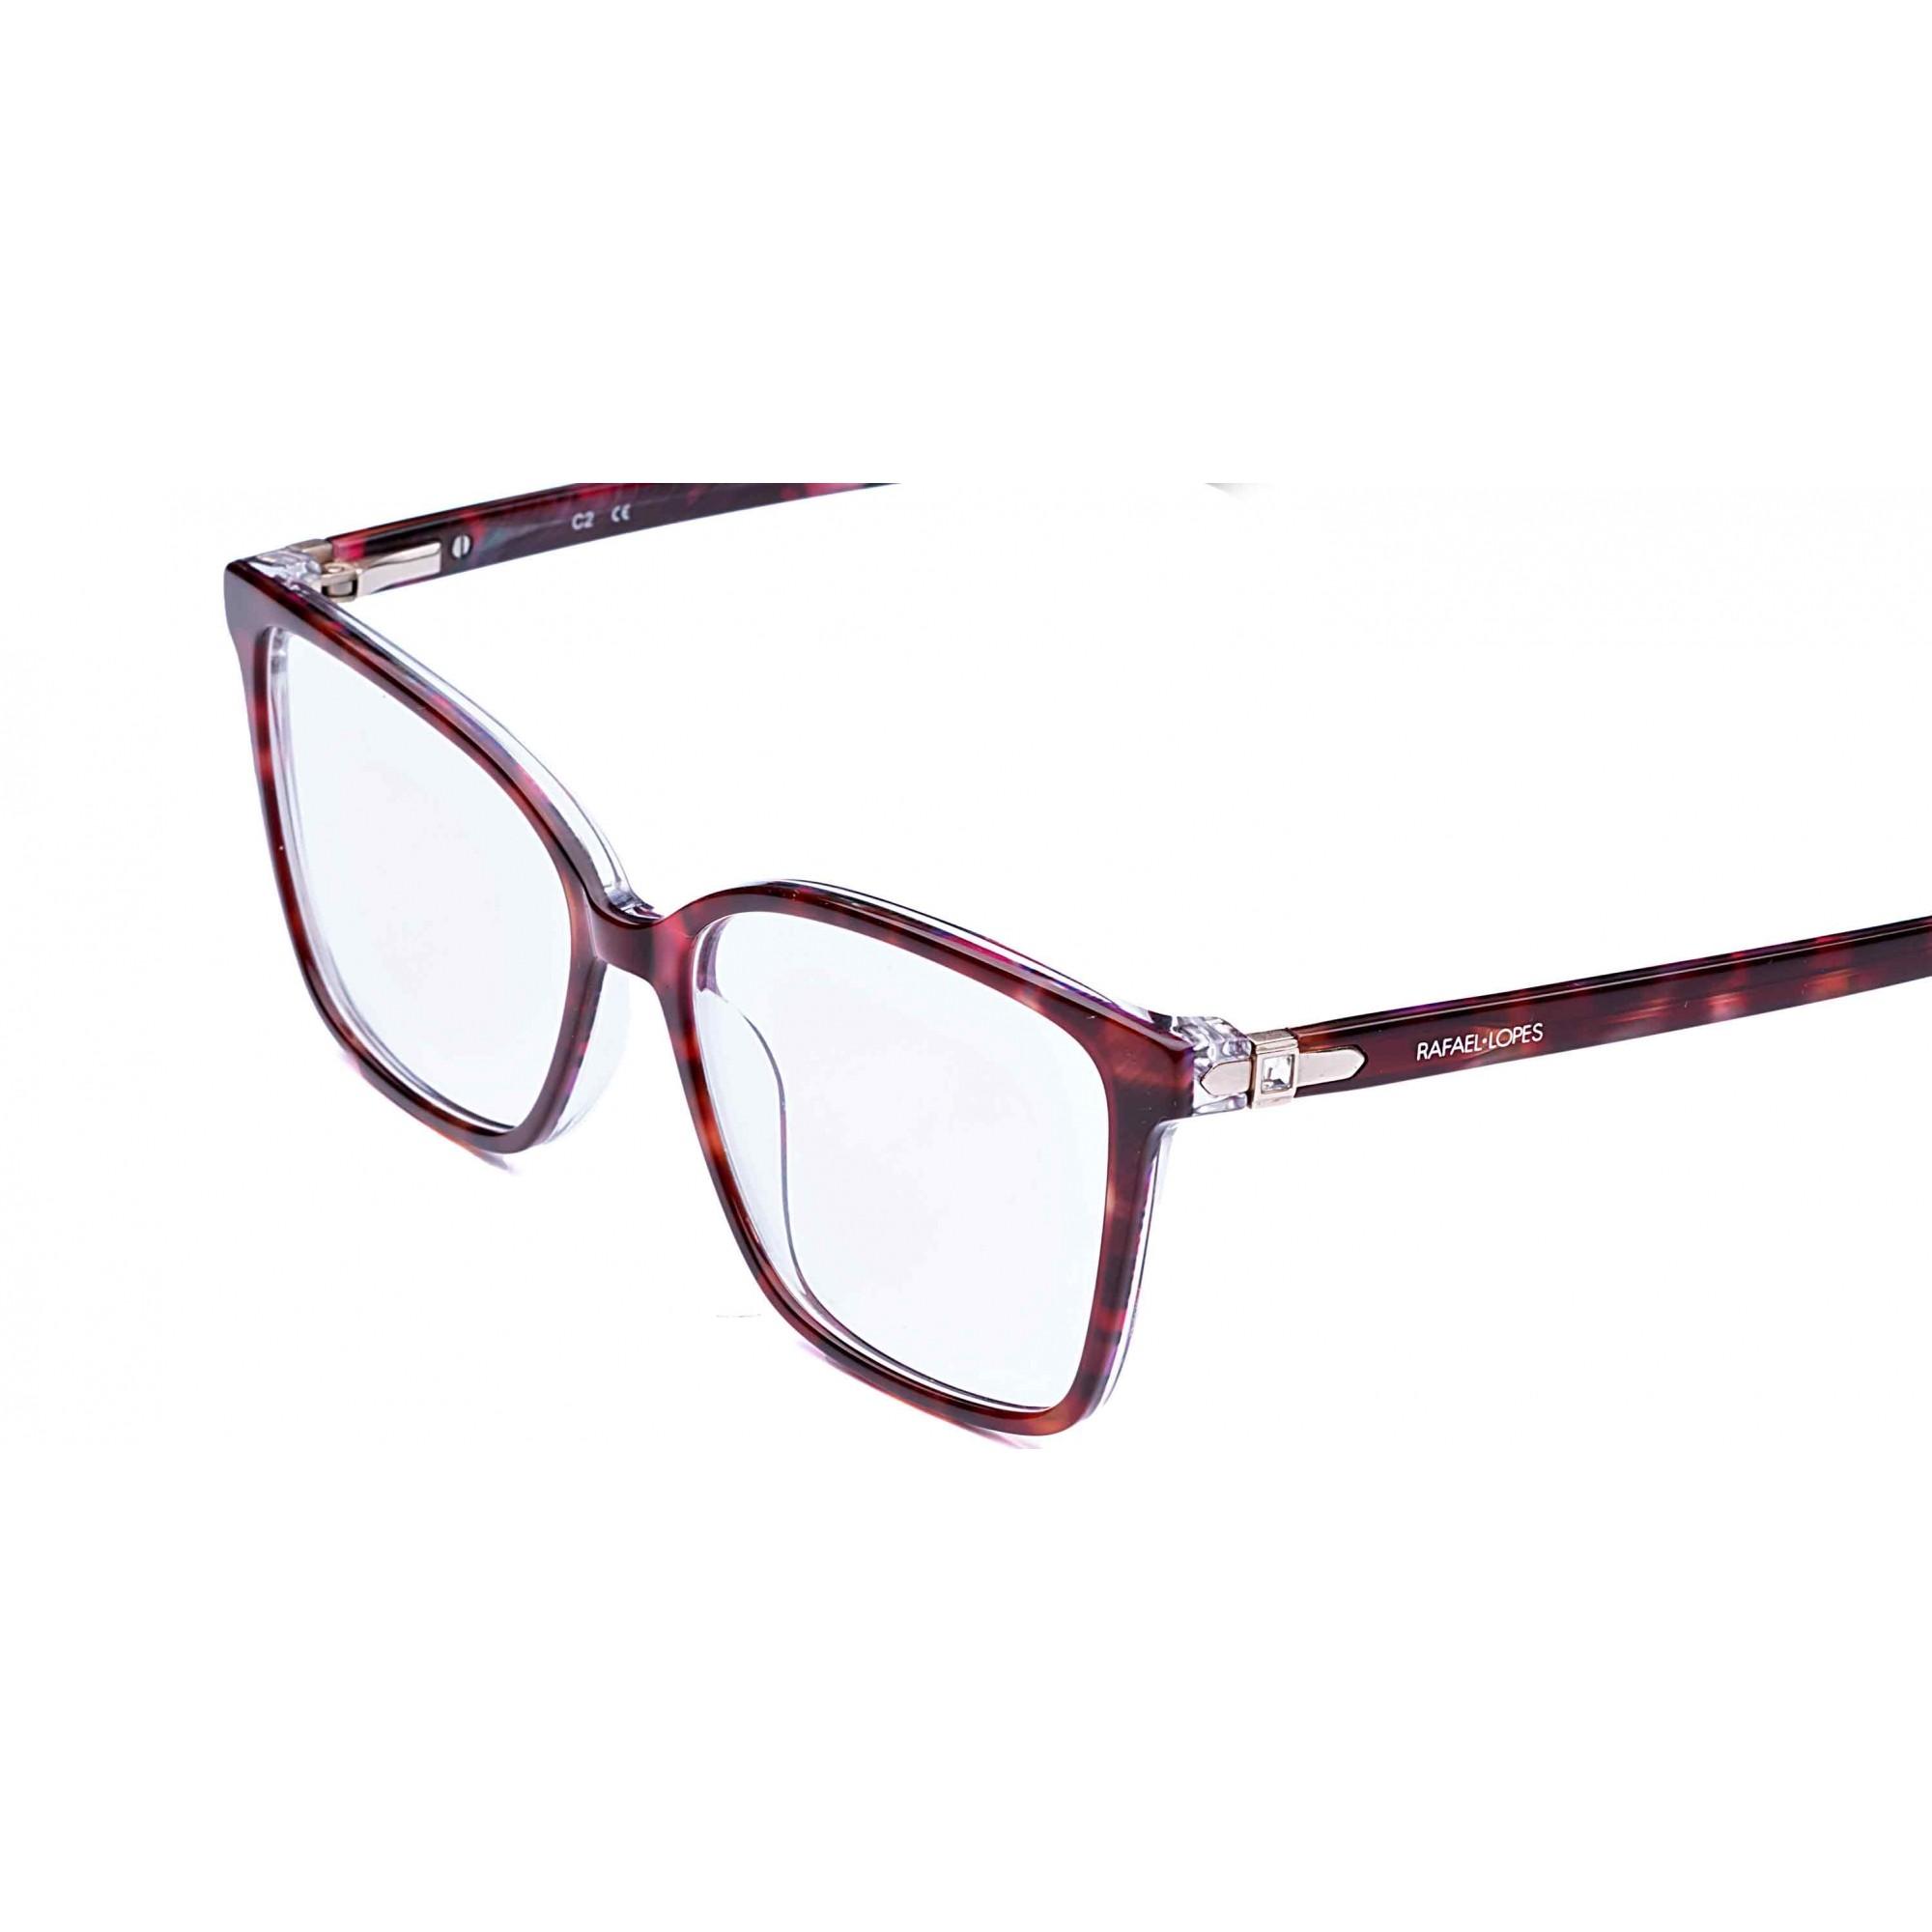 Cleo - Rafael Lopes Eyewear